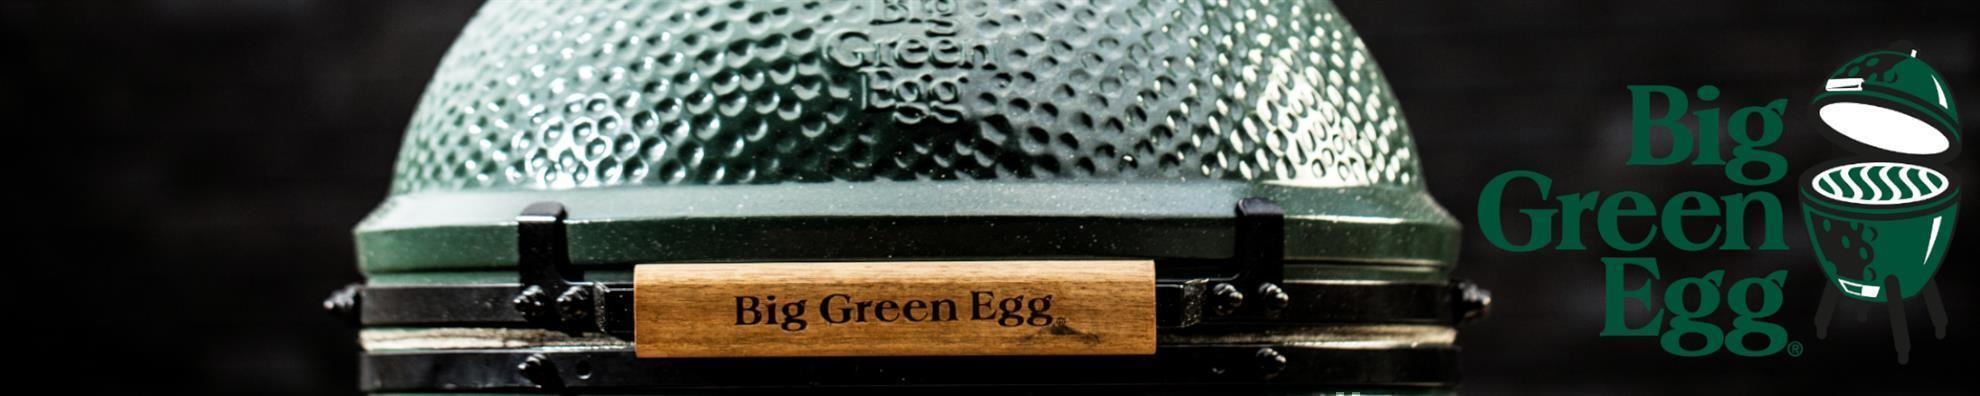 Big Green Egg - Starter-Set Large  inkl. Nest, convEGGtor, Holzkohle 4,5Kg, Grillanzünder, Ascheschieber